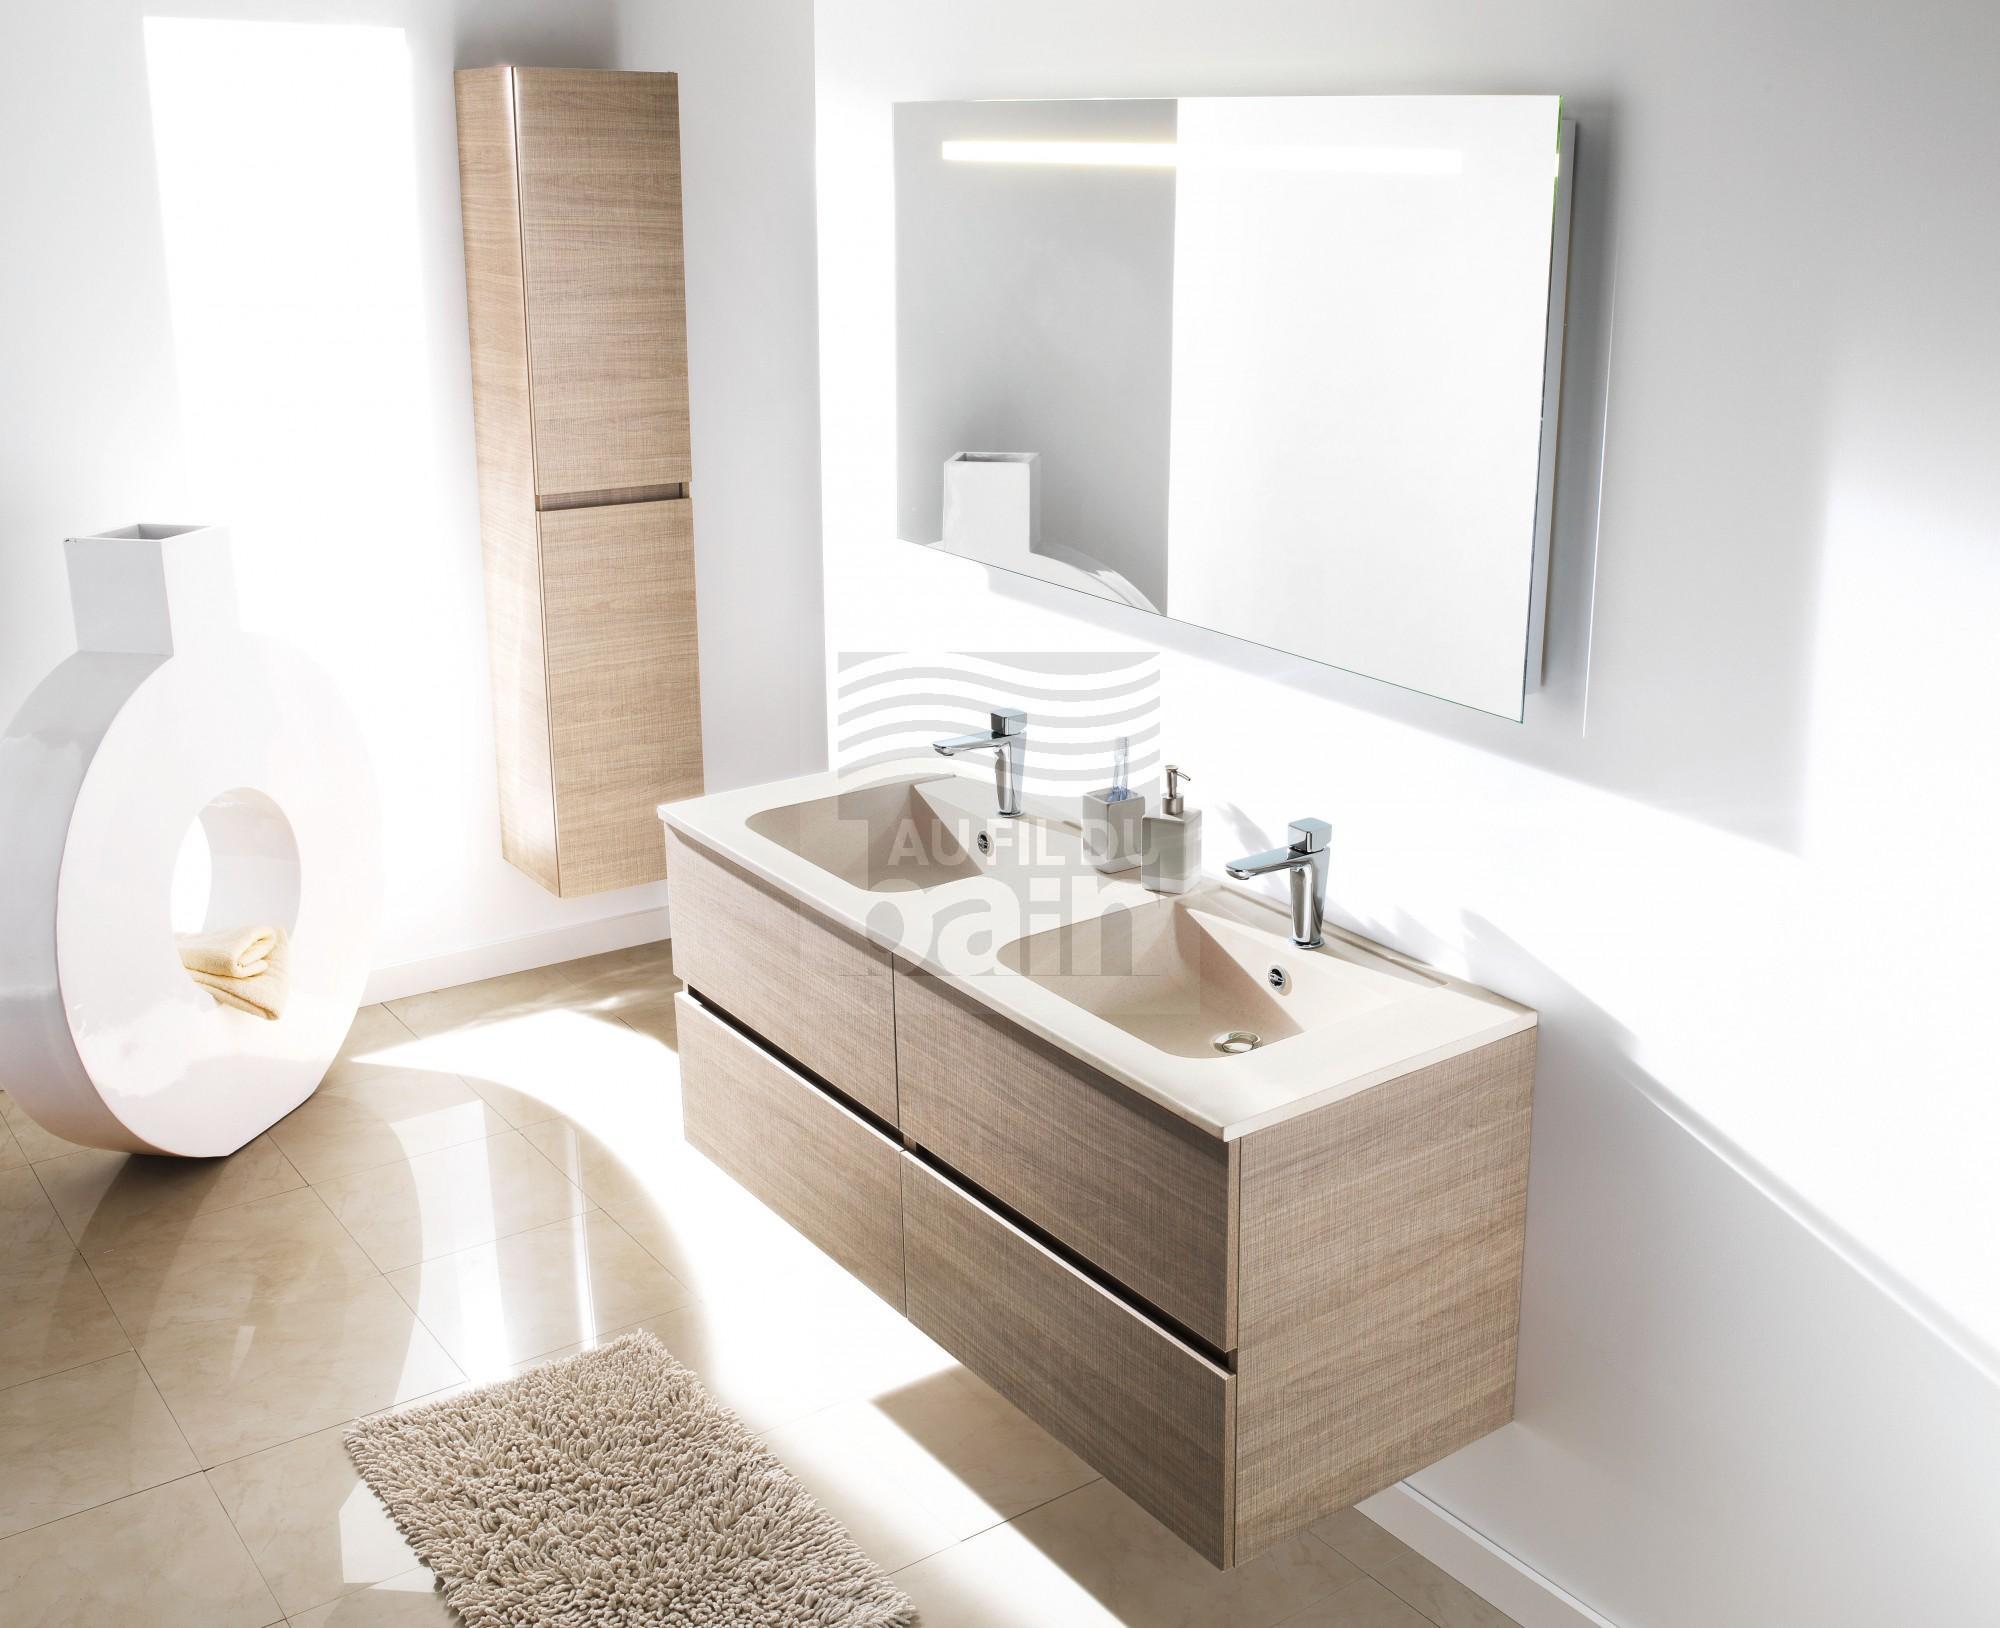 66 beau photographie de meuble lavabo salle de bain brico depot. Black Bedroom Furniture Sets. Home Design Ideas